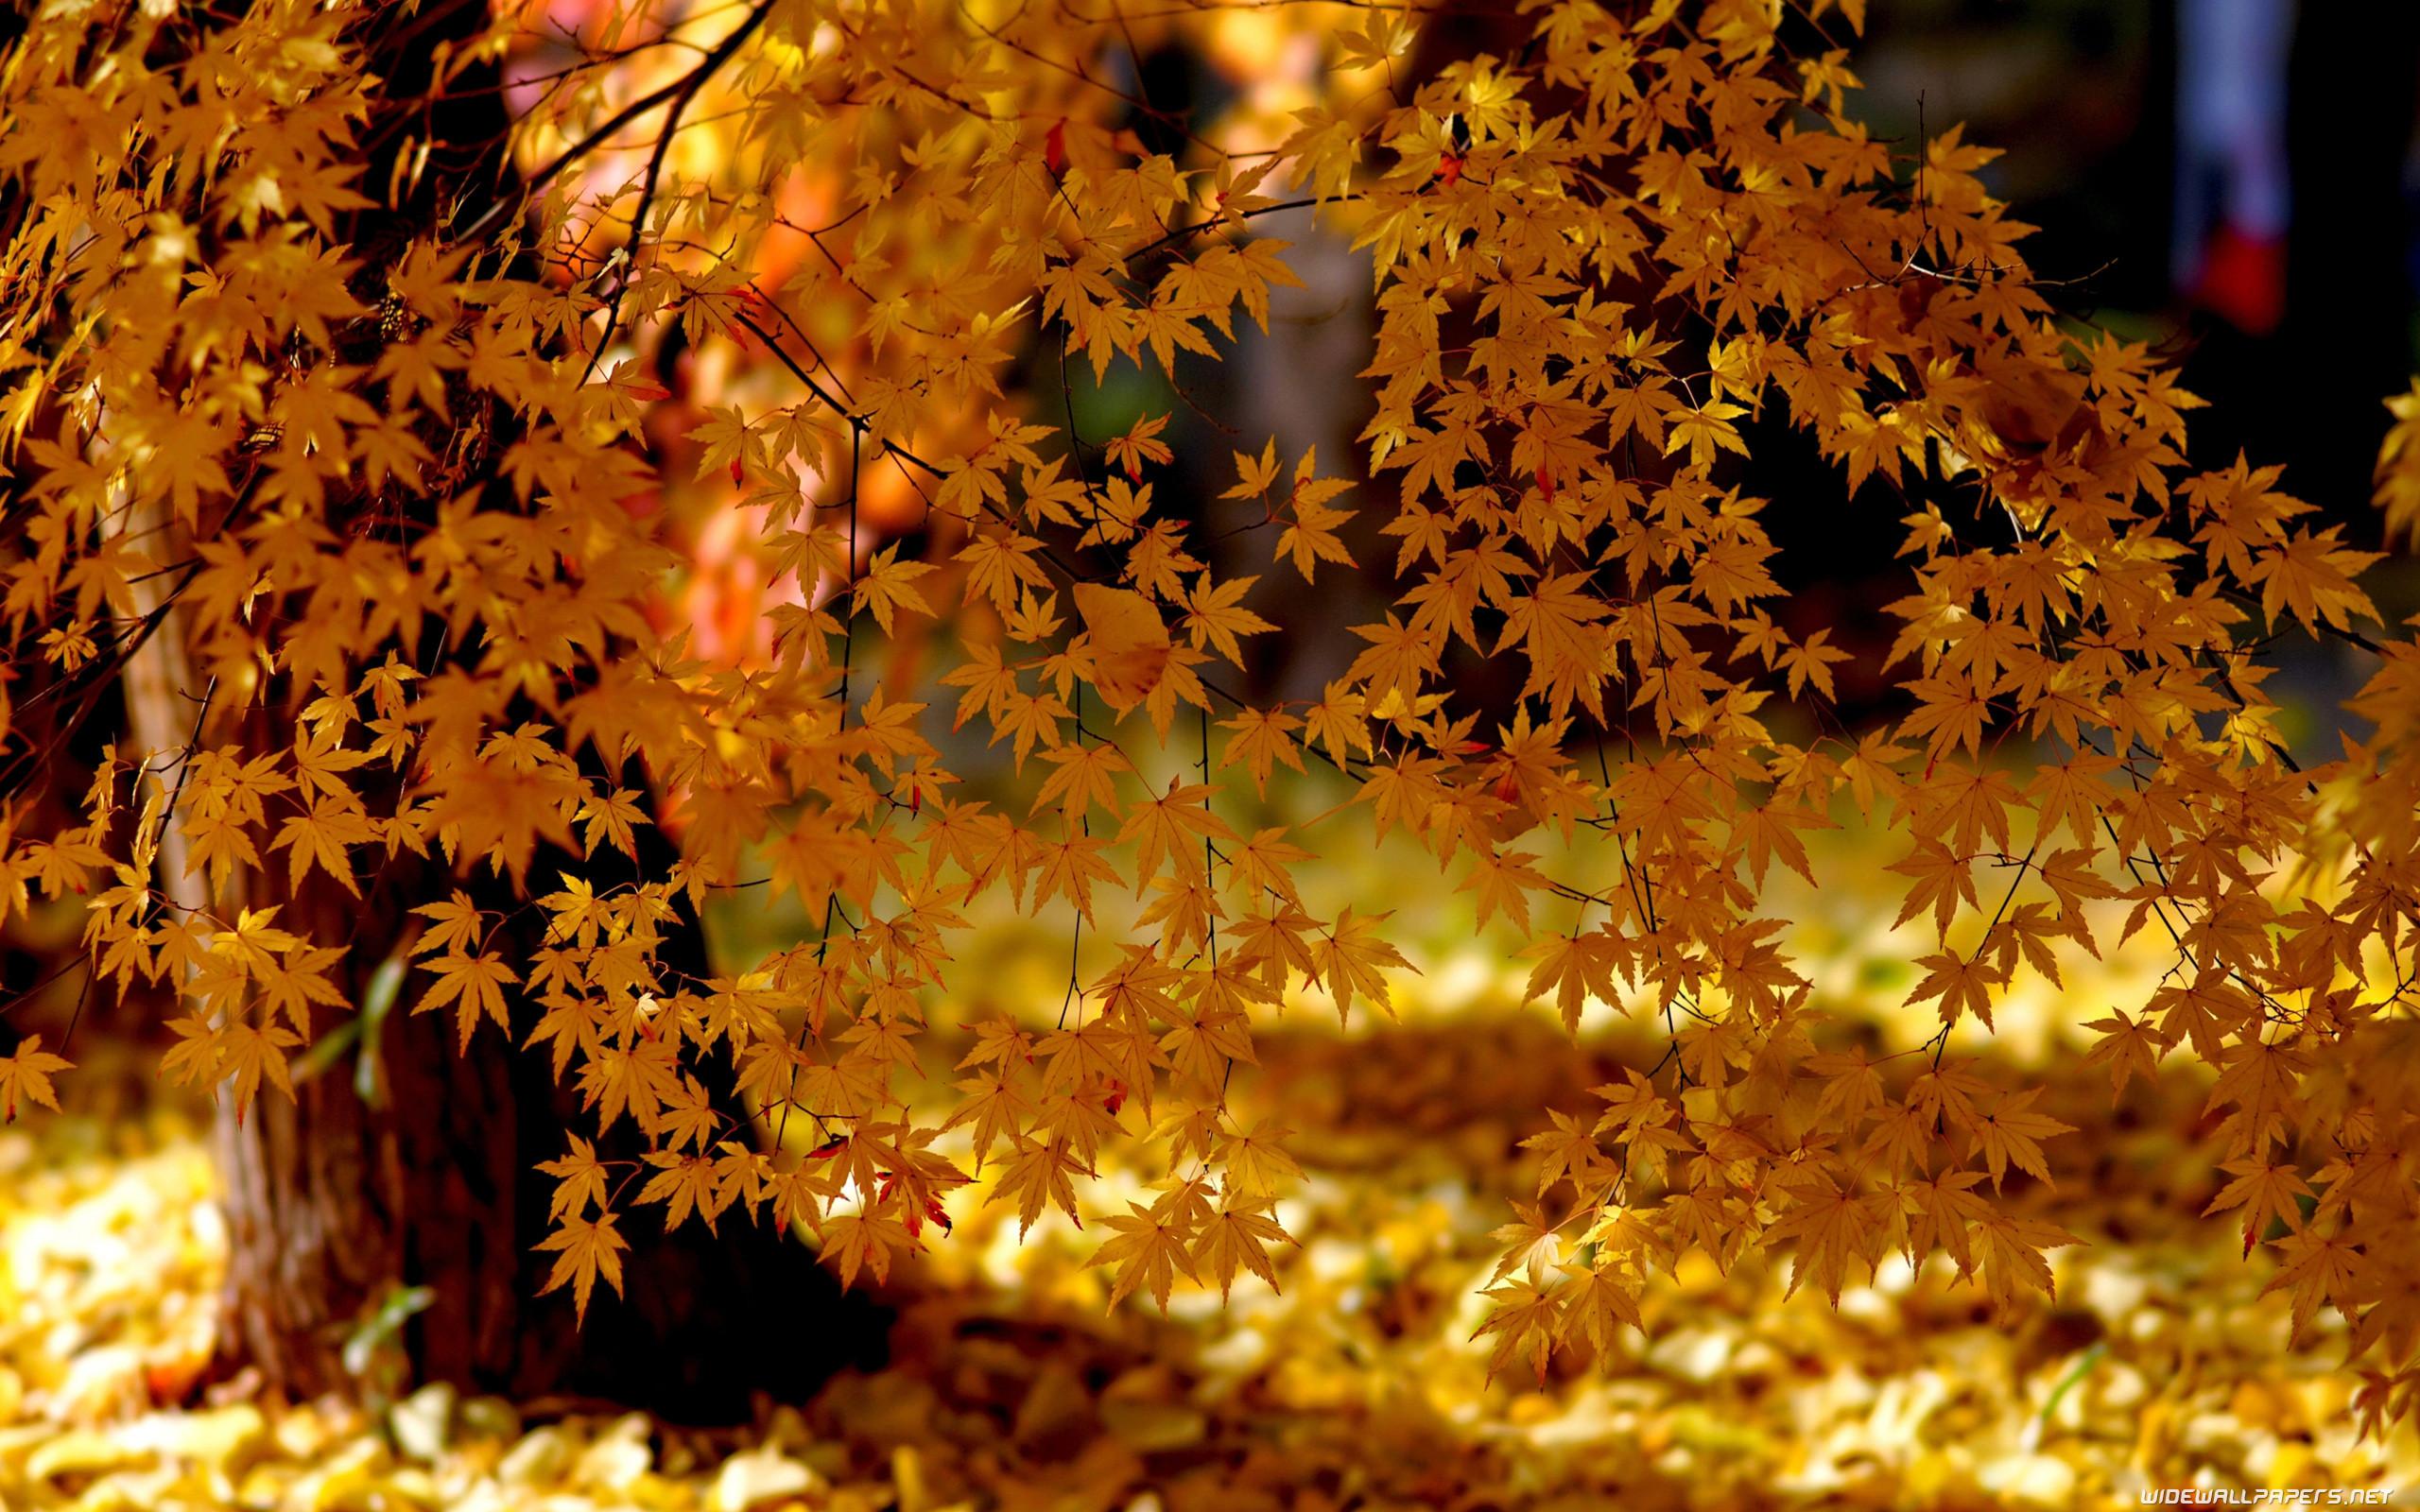 Autumn 2560×1440 3840×2160